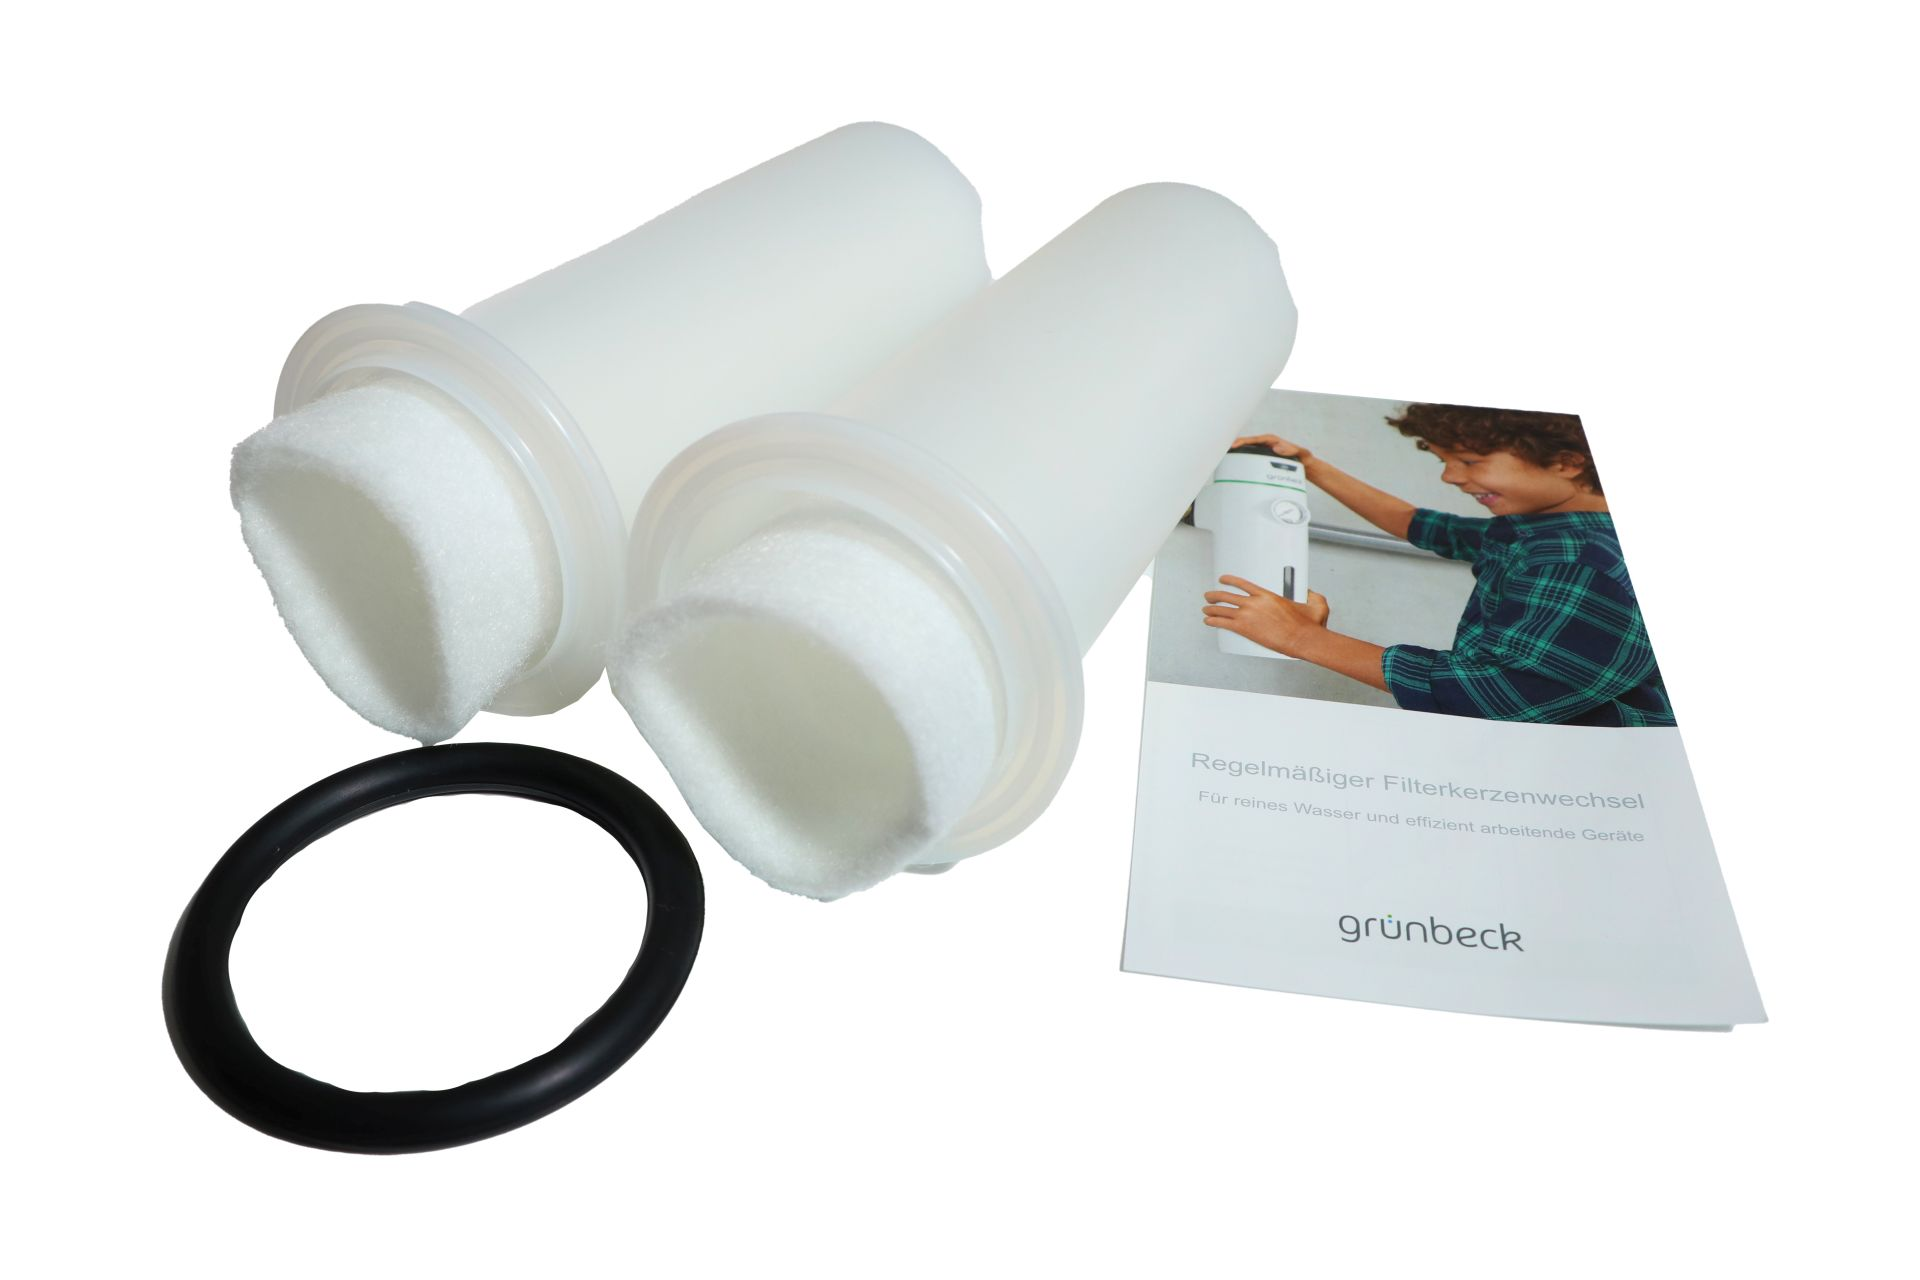 grünbeck GENO-Ersatzfilterkerzen, 80 µm, Größe 1, mit Schutzglocke und O-Ring, für grünbeck-Wasserfilter, 2-er Pack